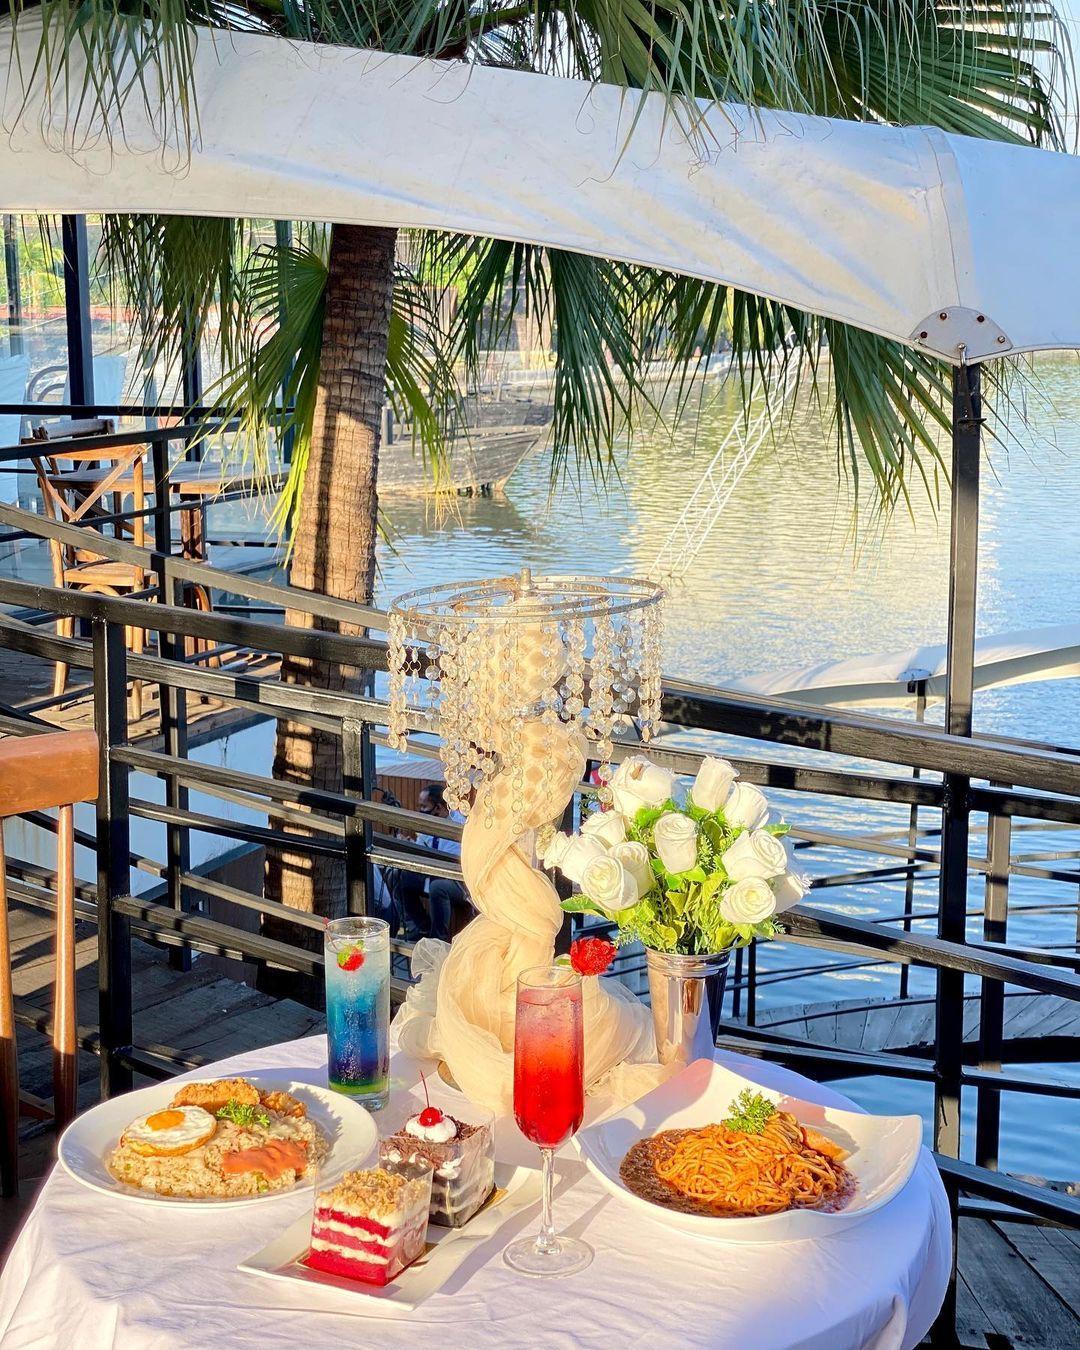 5 Resto Pinggir Pantai Ini Tawarkan Suasana Romantis